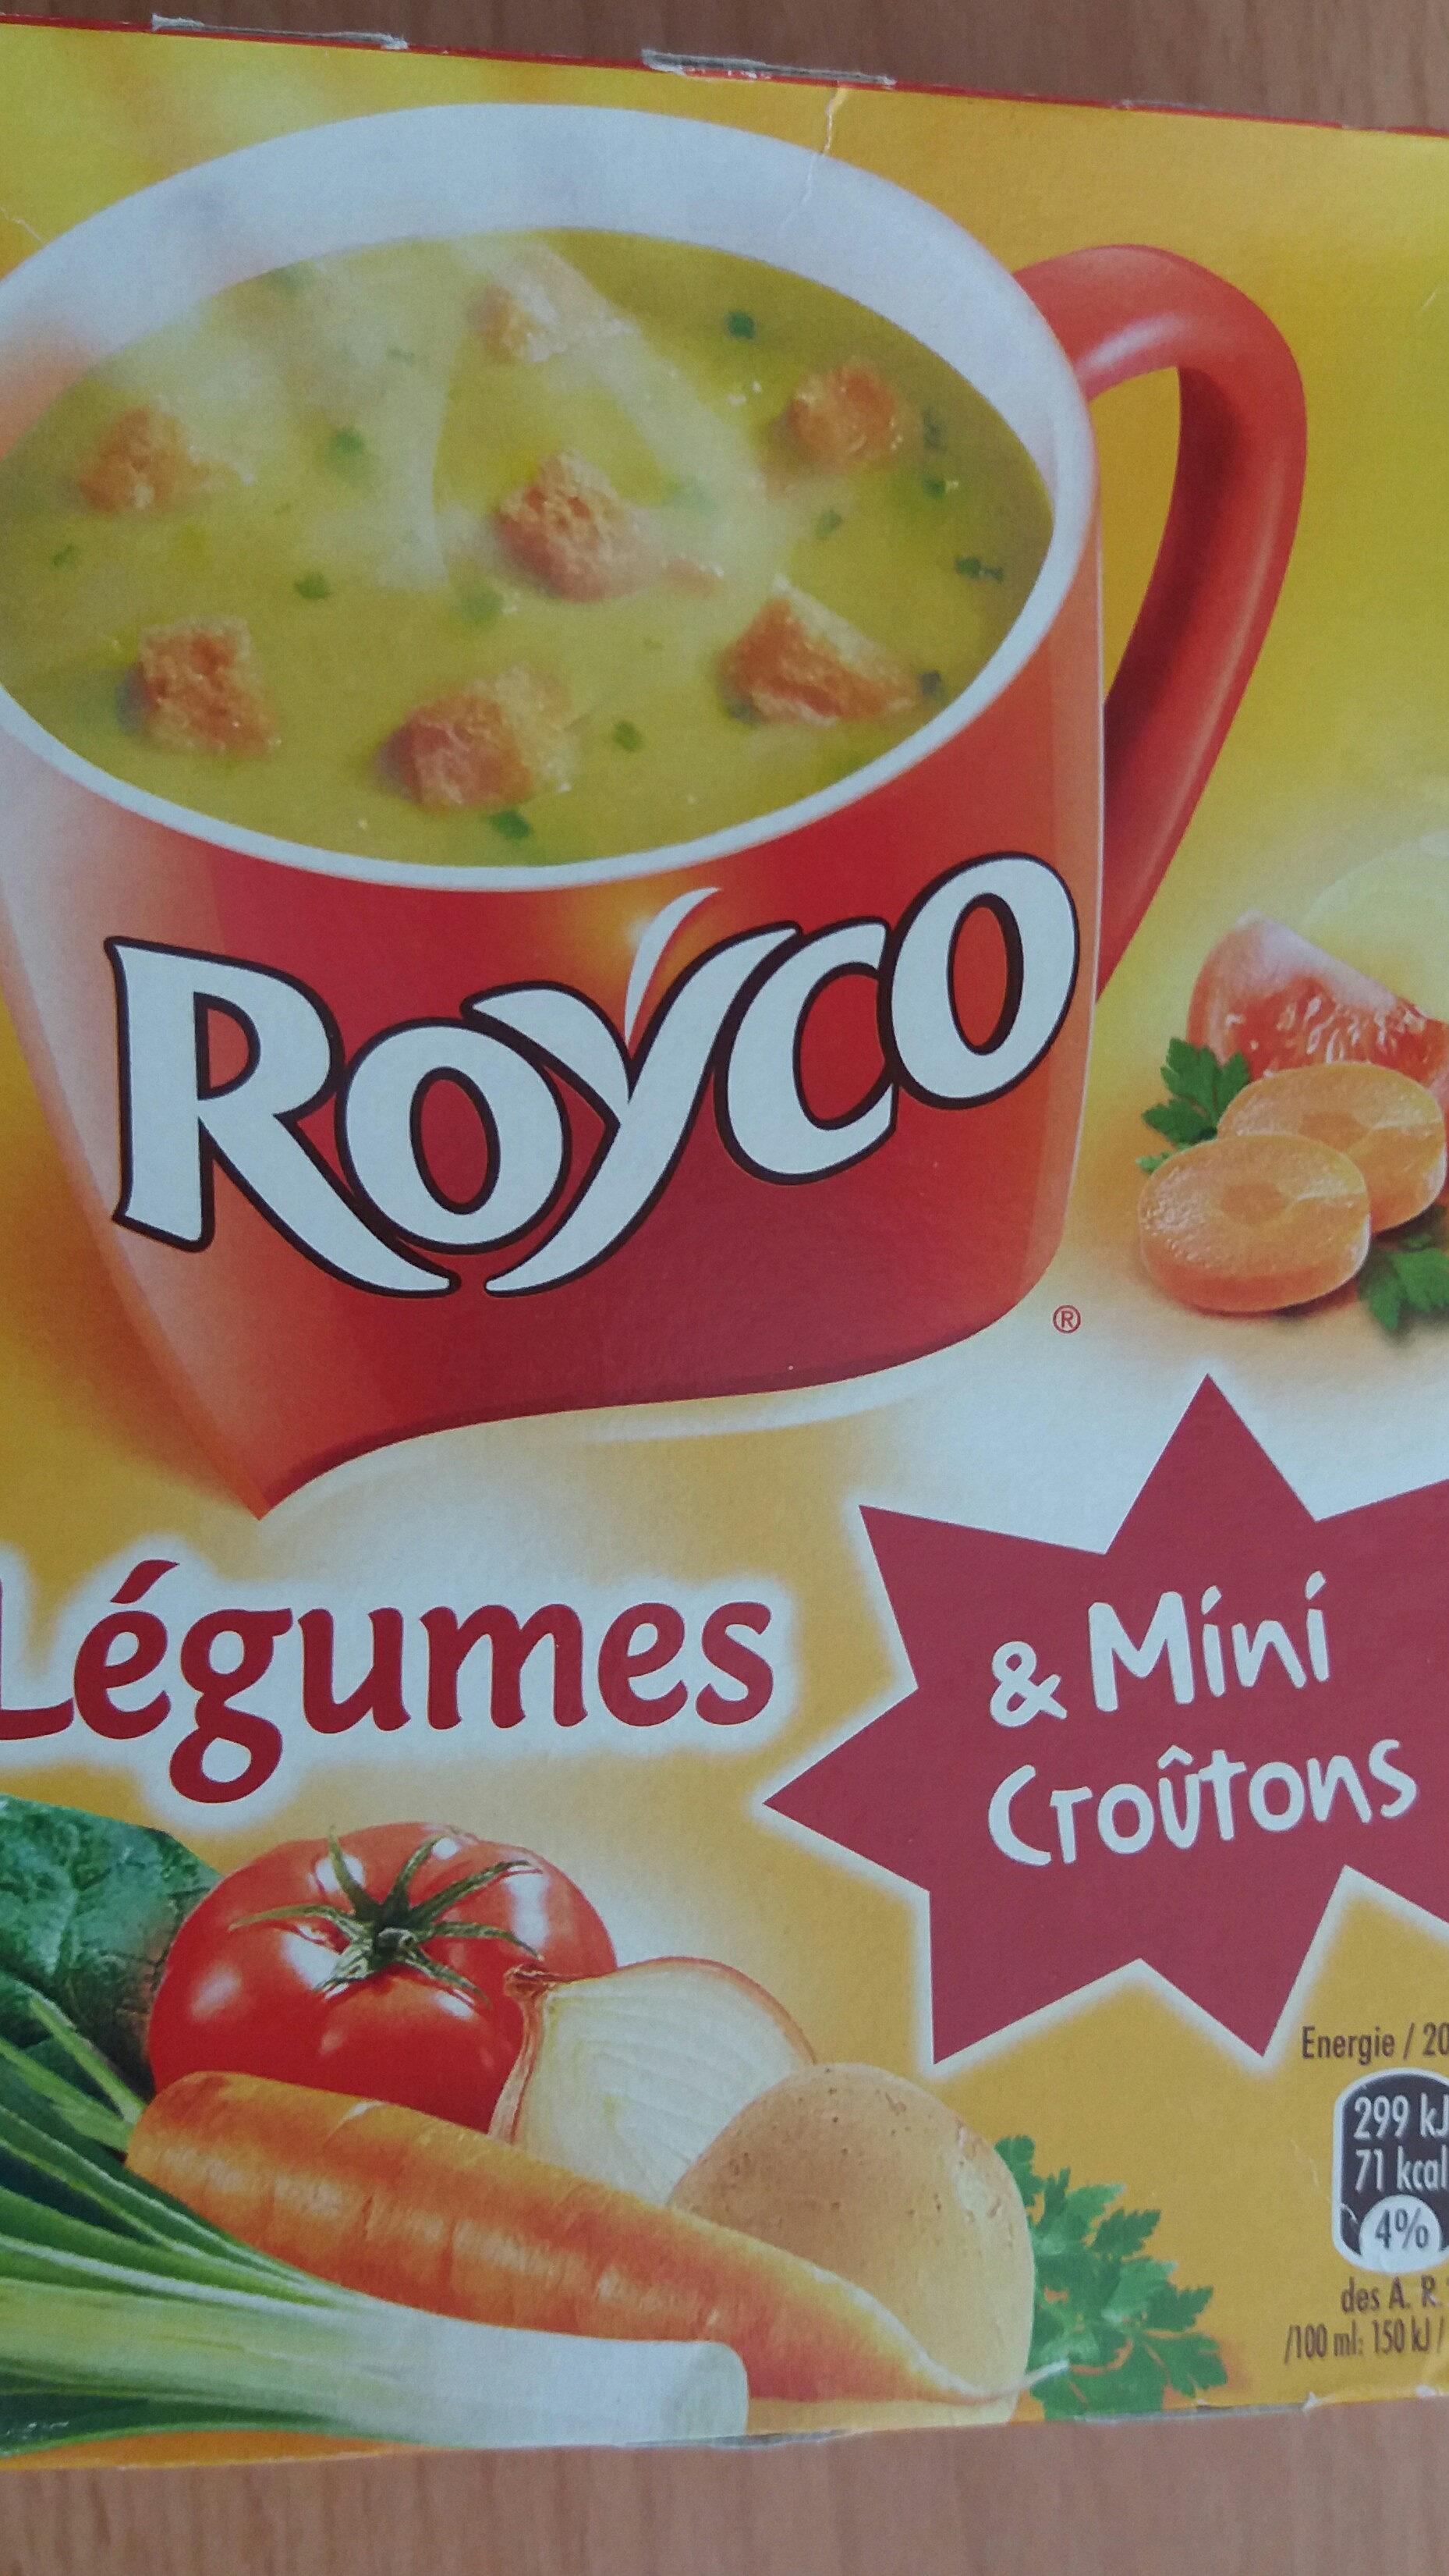 Soupe légumes & Mini croûtons, Roco - Produit